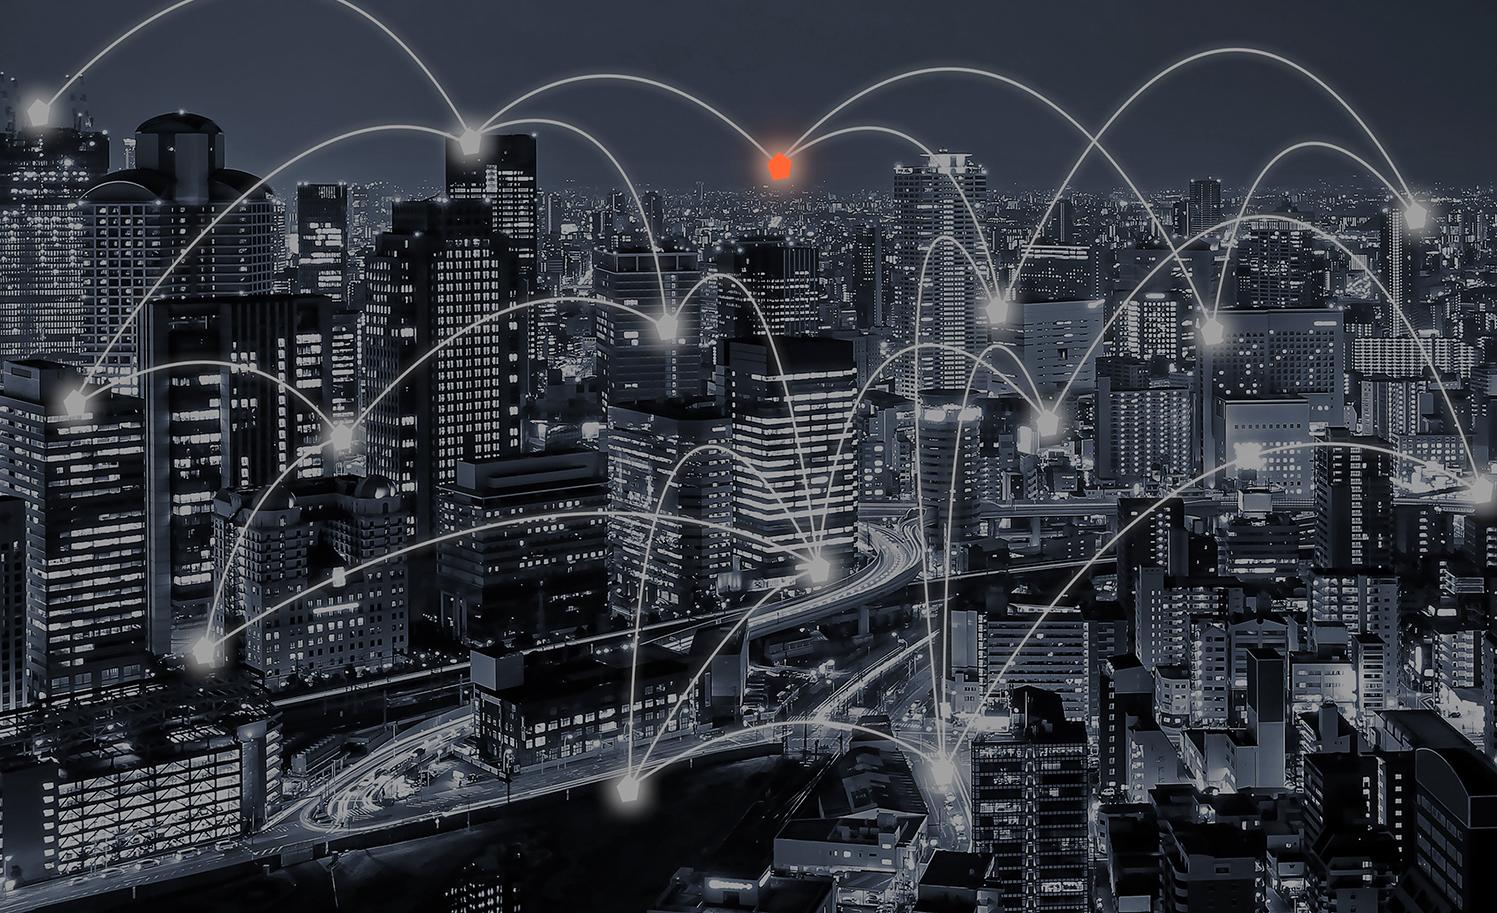 network around city